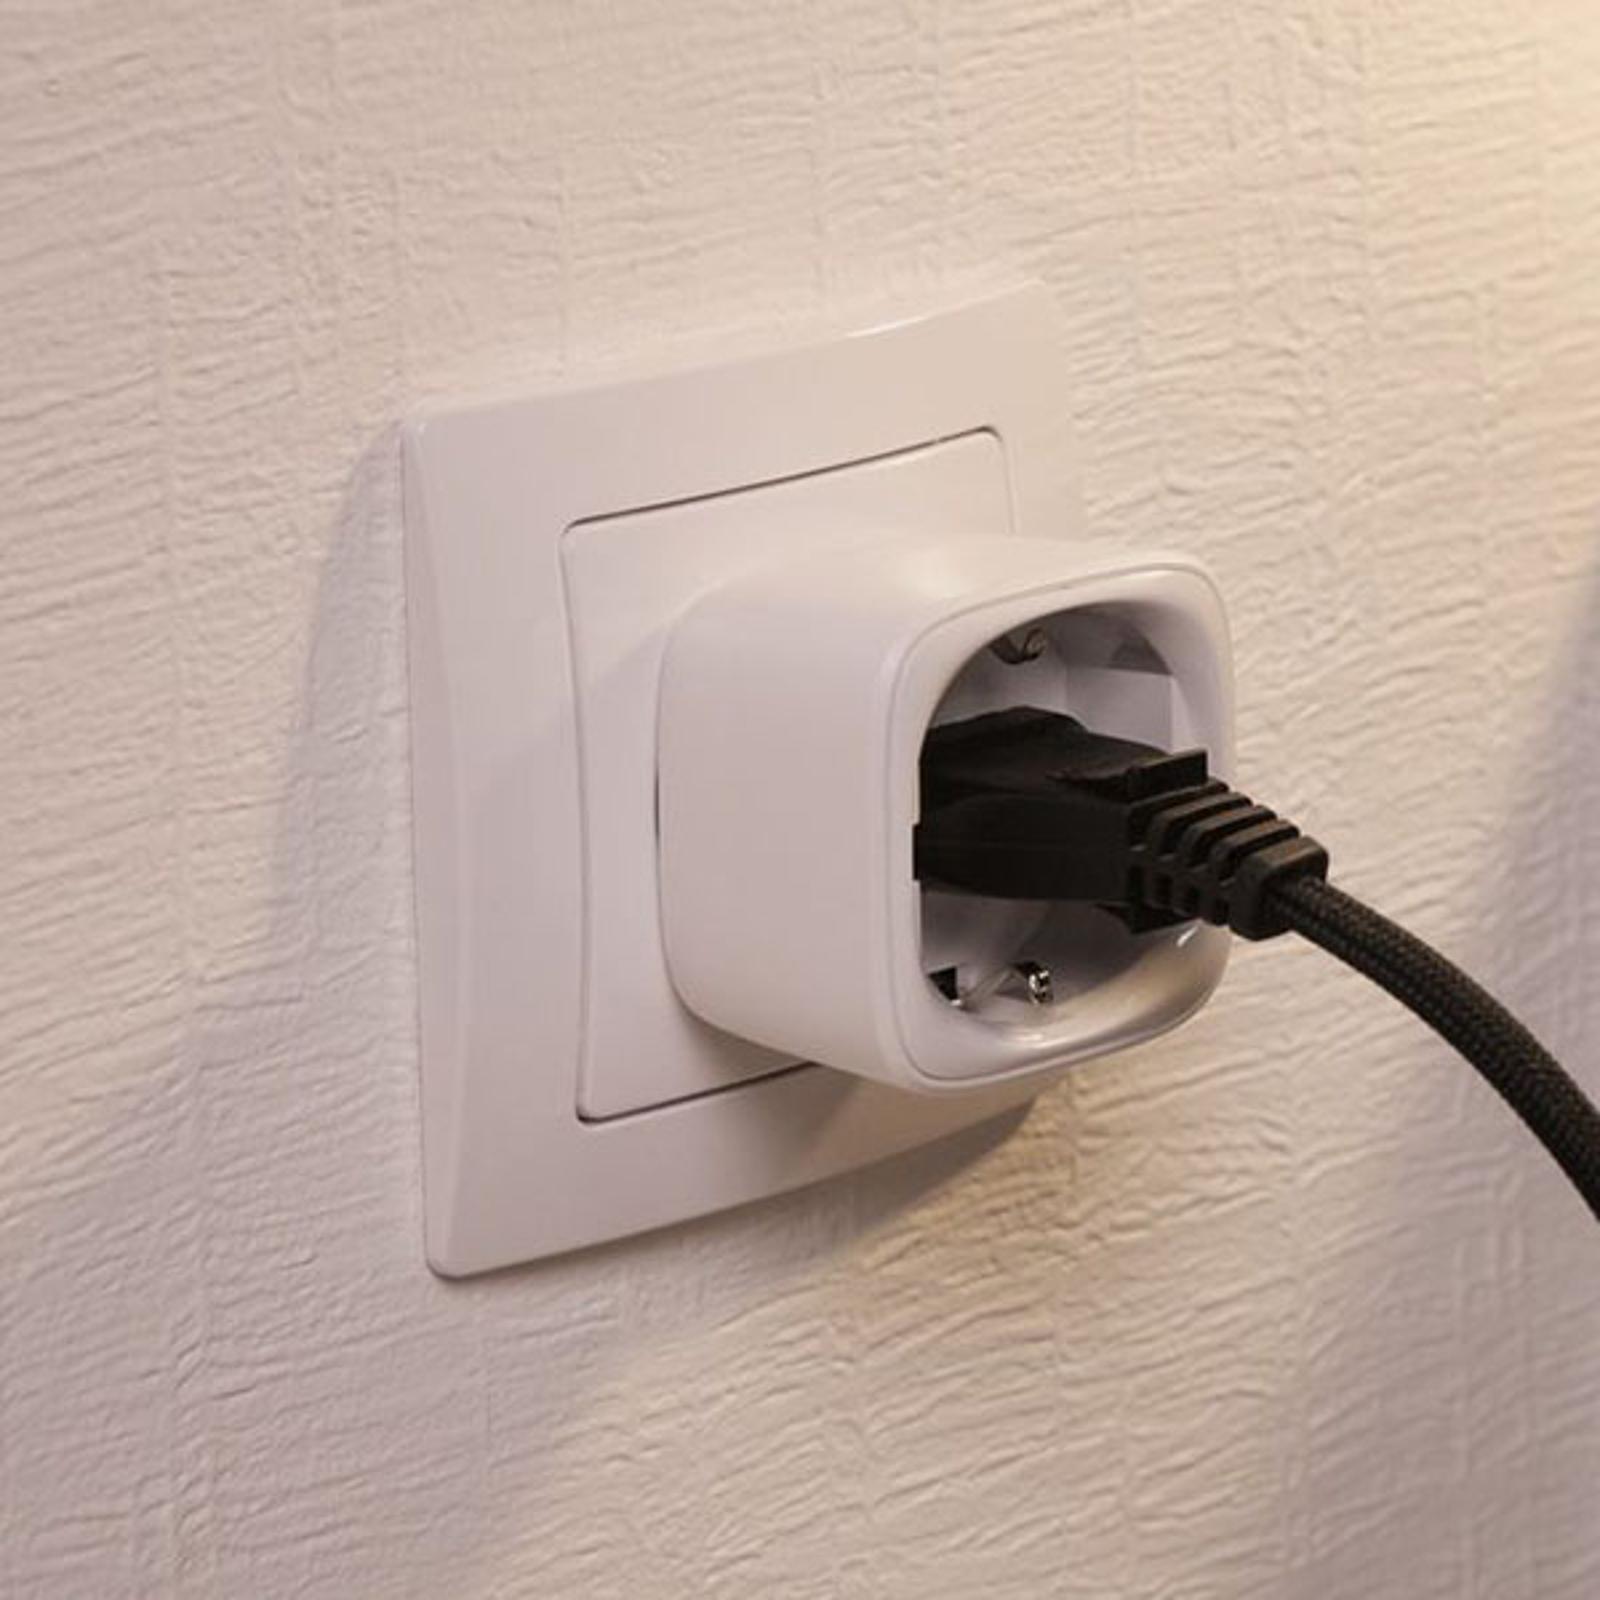 Paulmann ZigBee Smart Plug mellomplugg